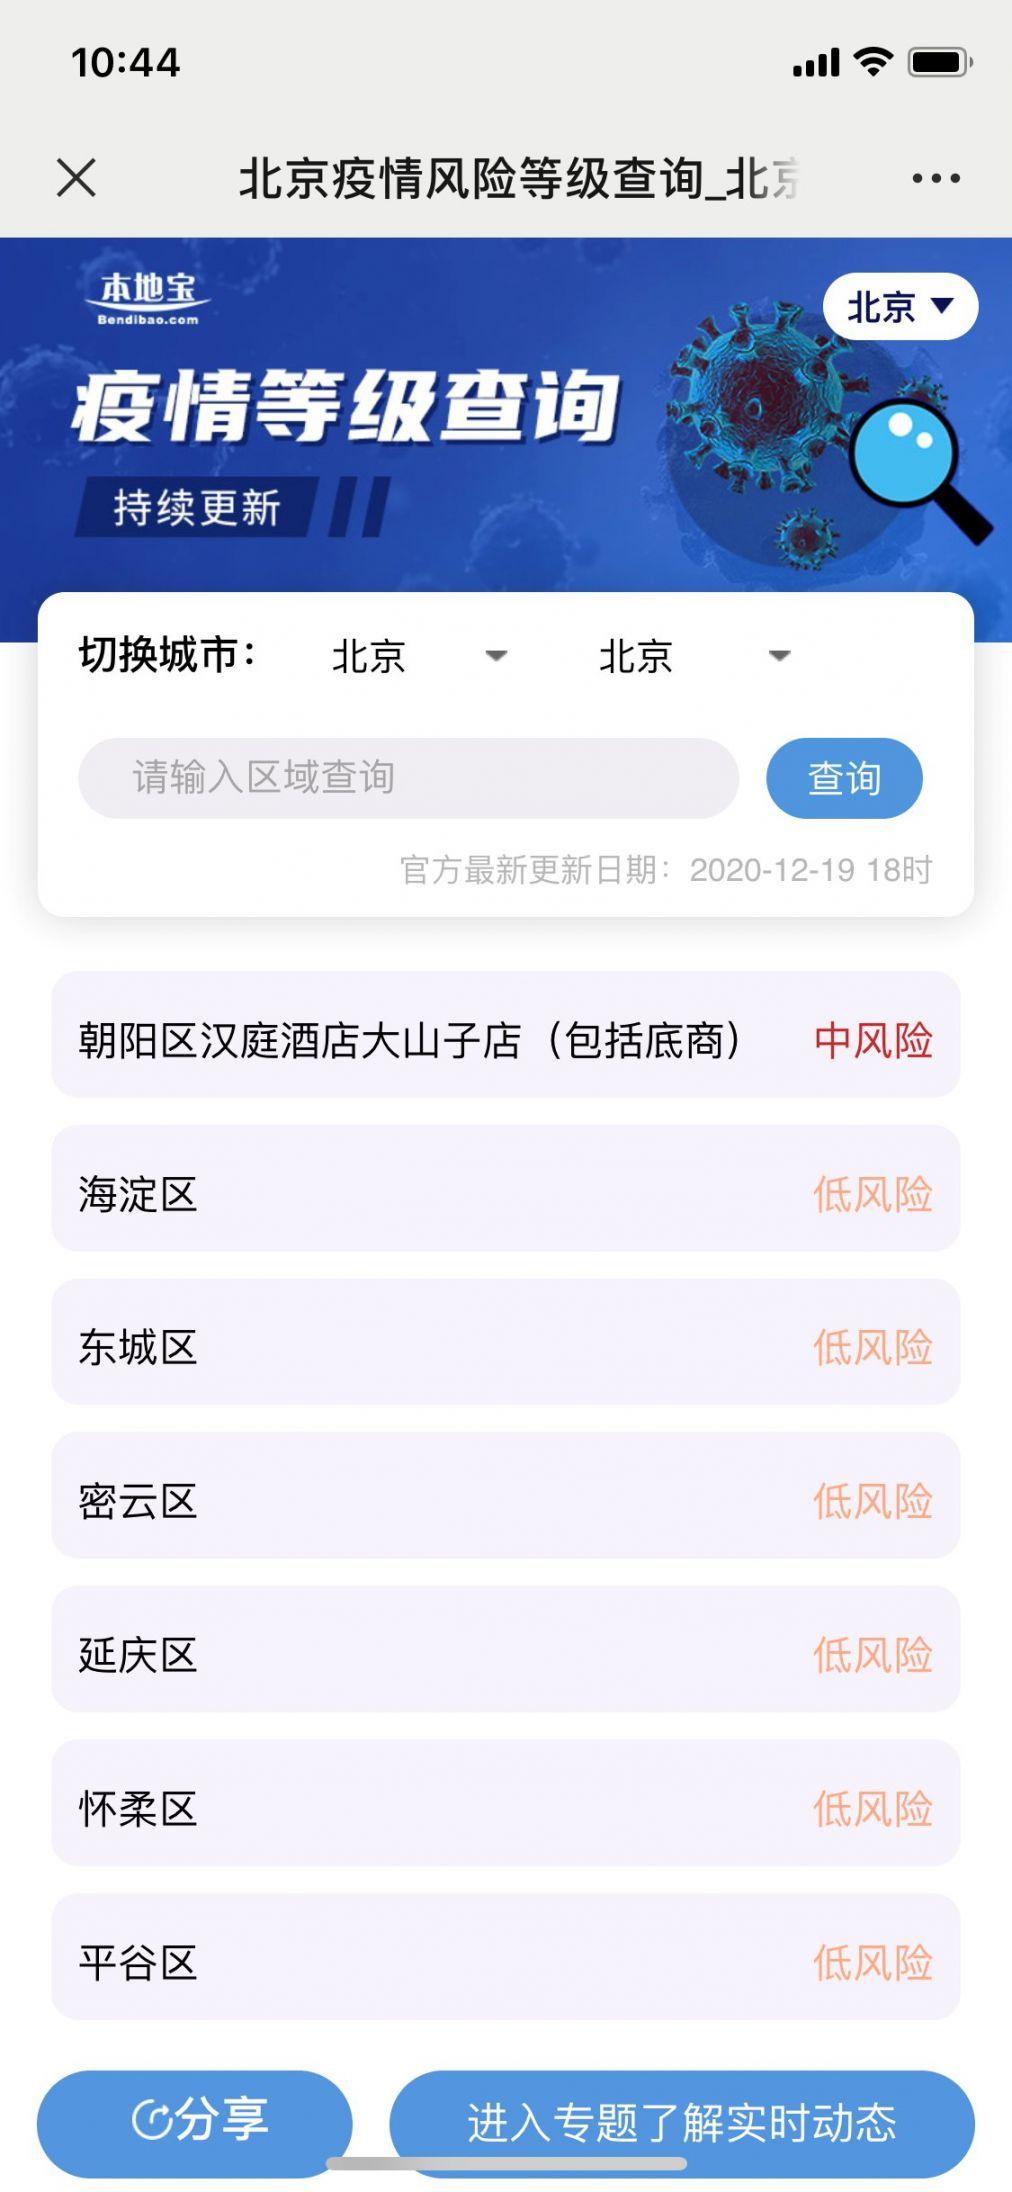 12月19日起北京目前屬于什么風險區?